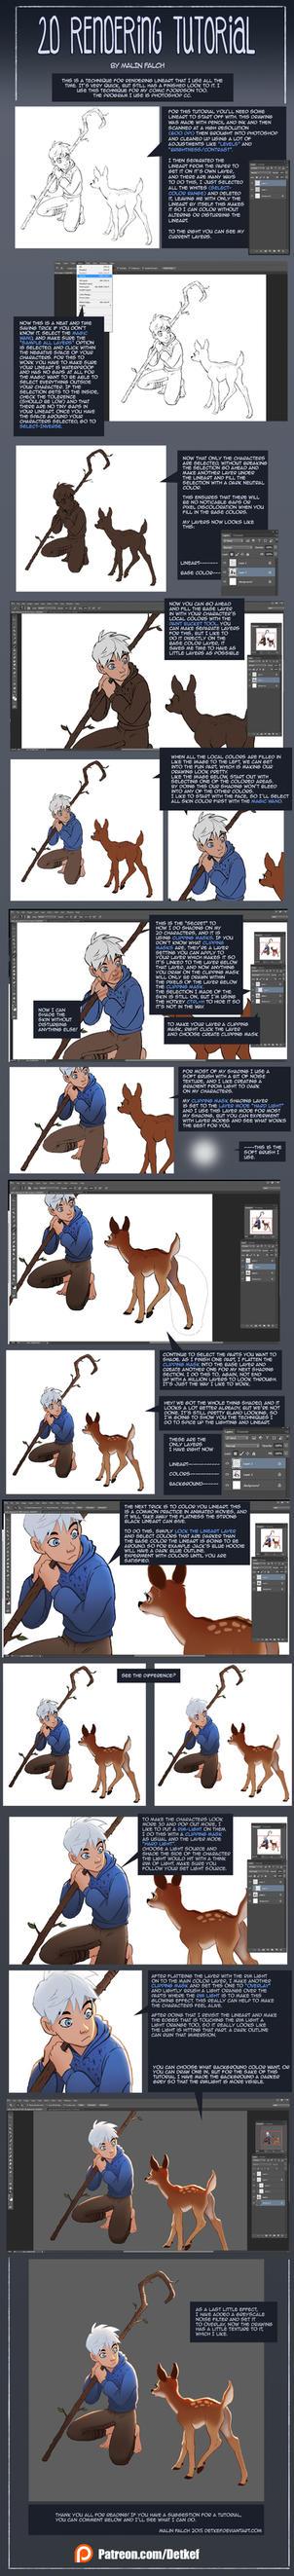 2d Coloring tutorial by Detkef